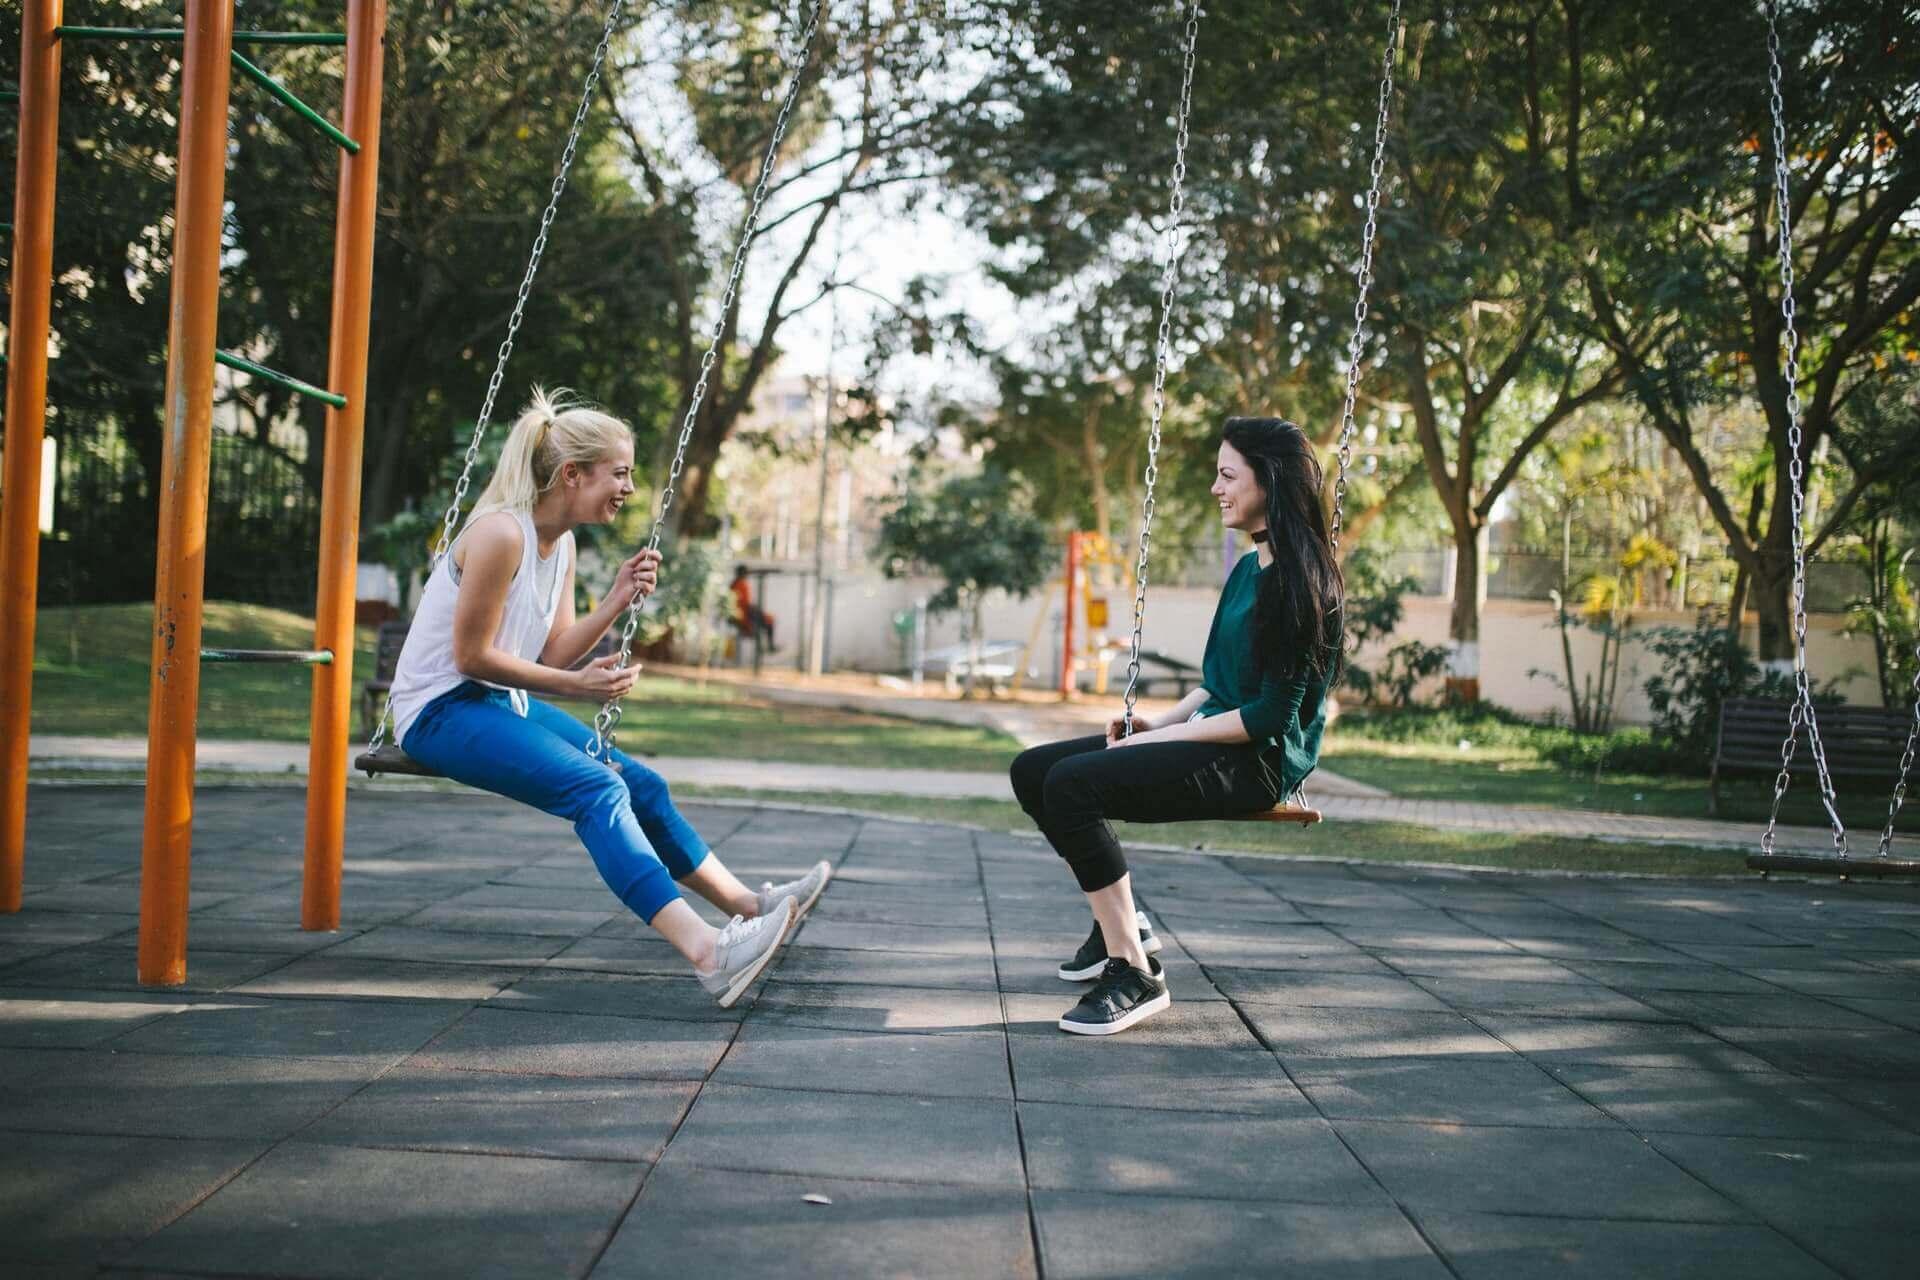 Two friends on swings.